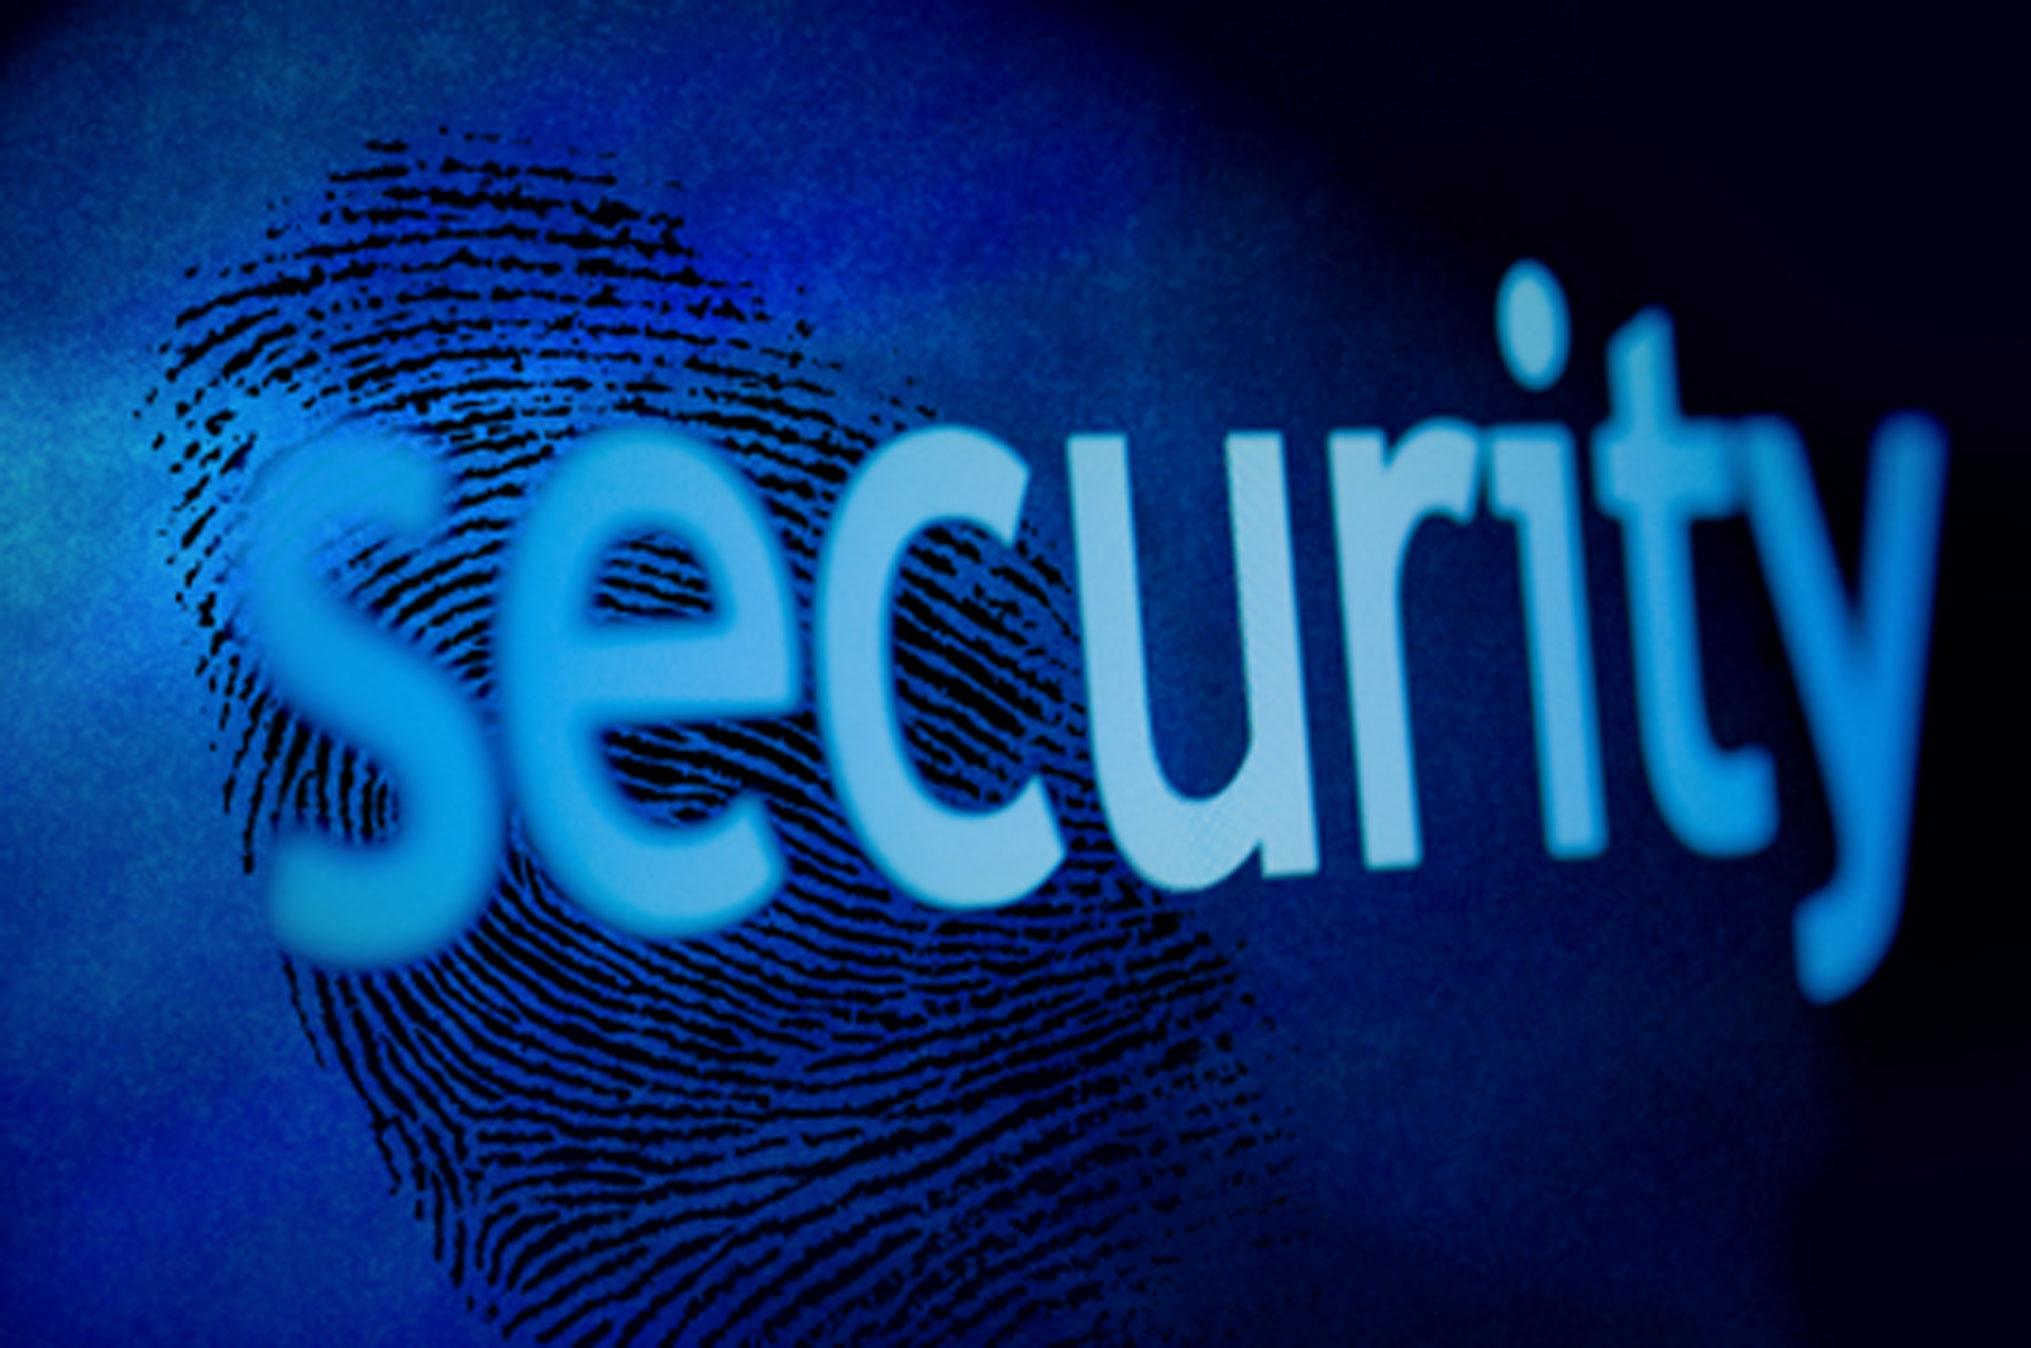 İnternet ve Bilgisayar Güvenliği için Temel Önlemler